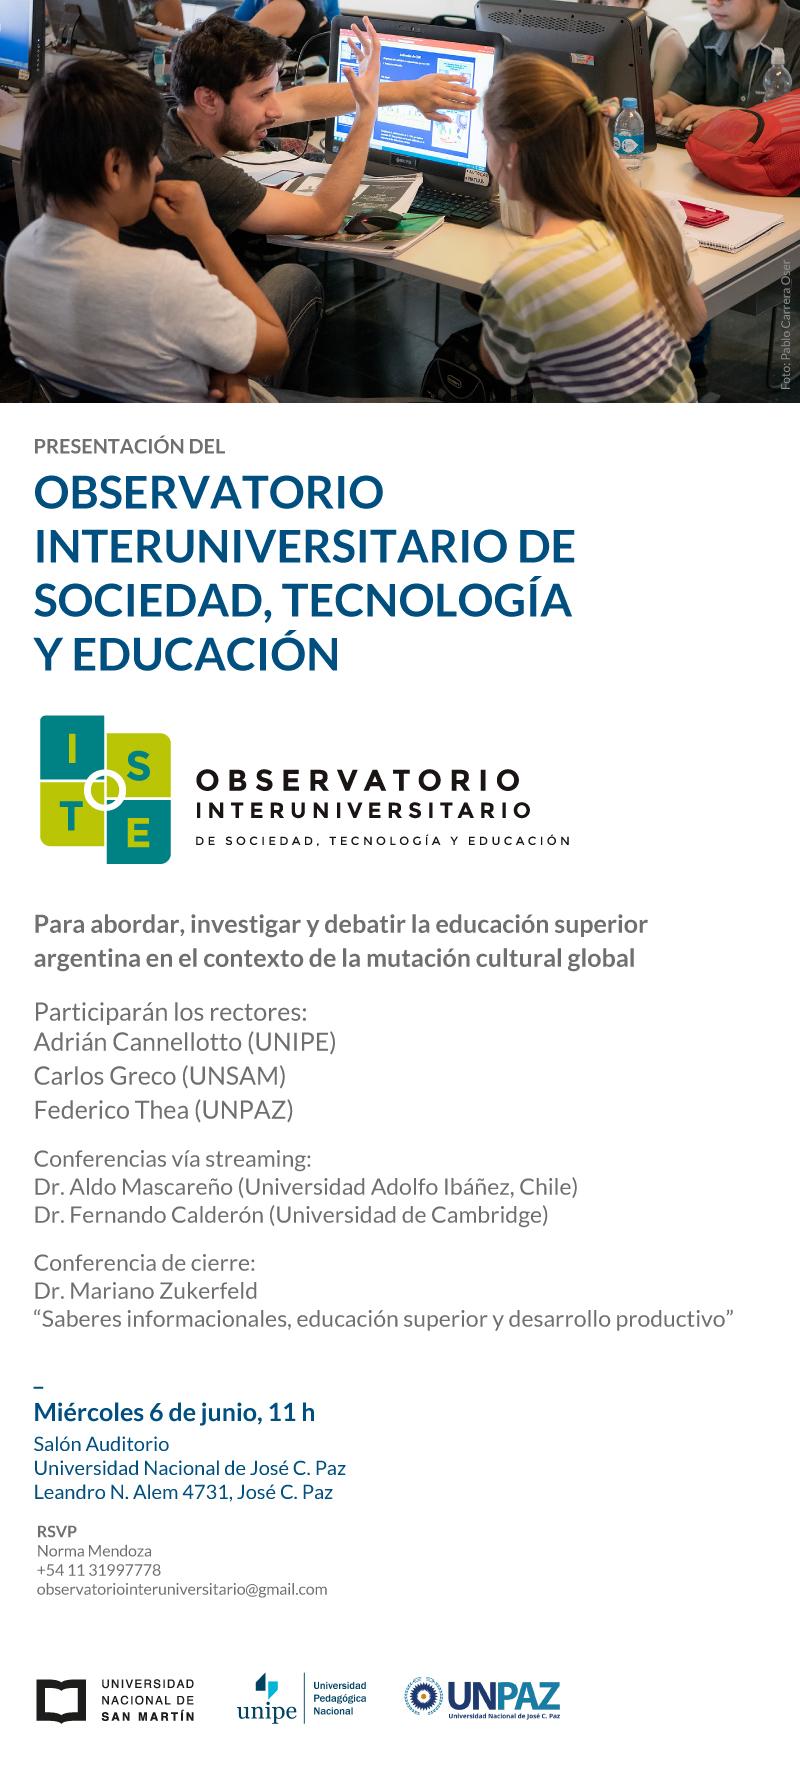 observatorio-interuniversitario